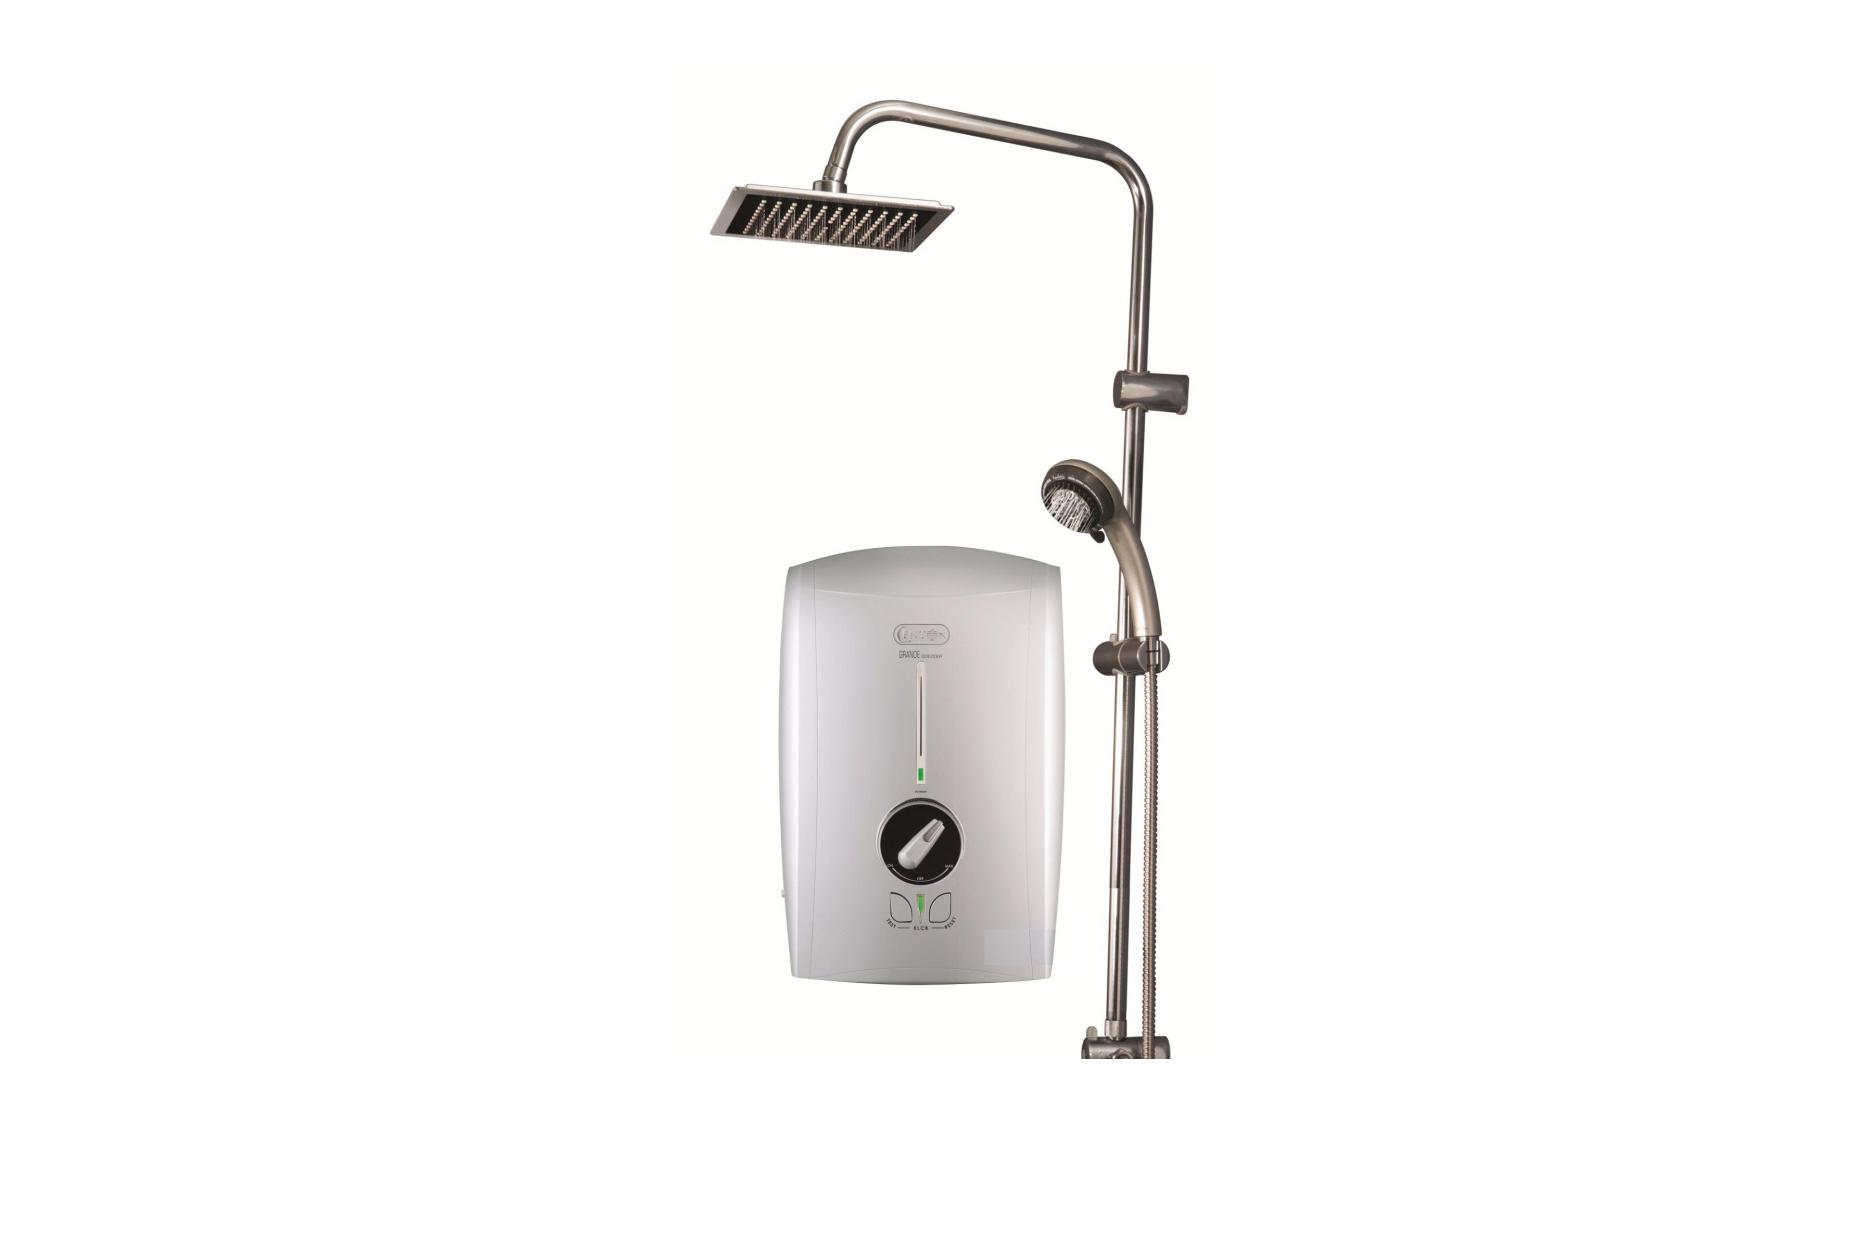 Thiết kế máy nước nóng Centon GD600ESP RS